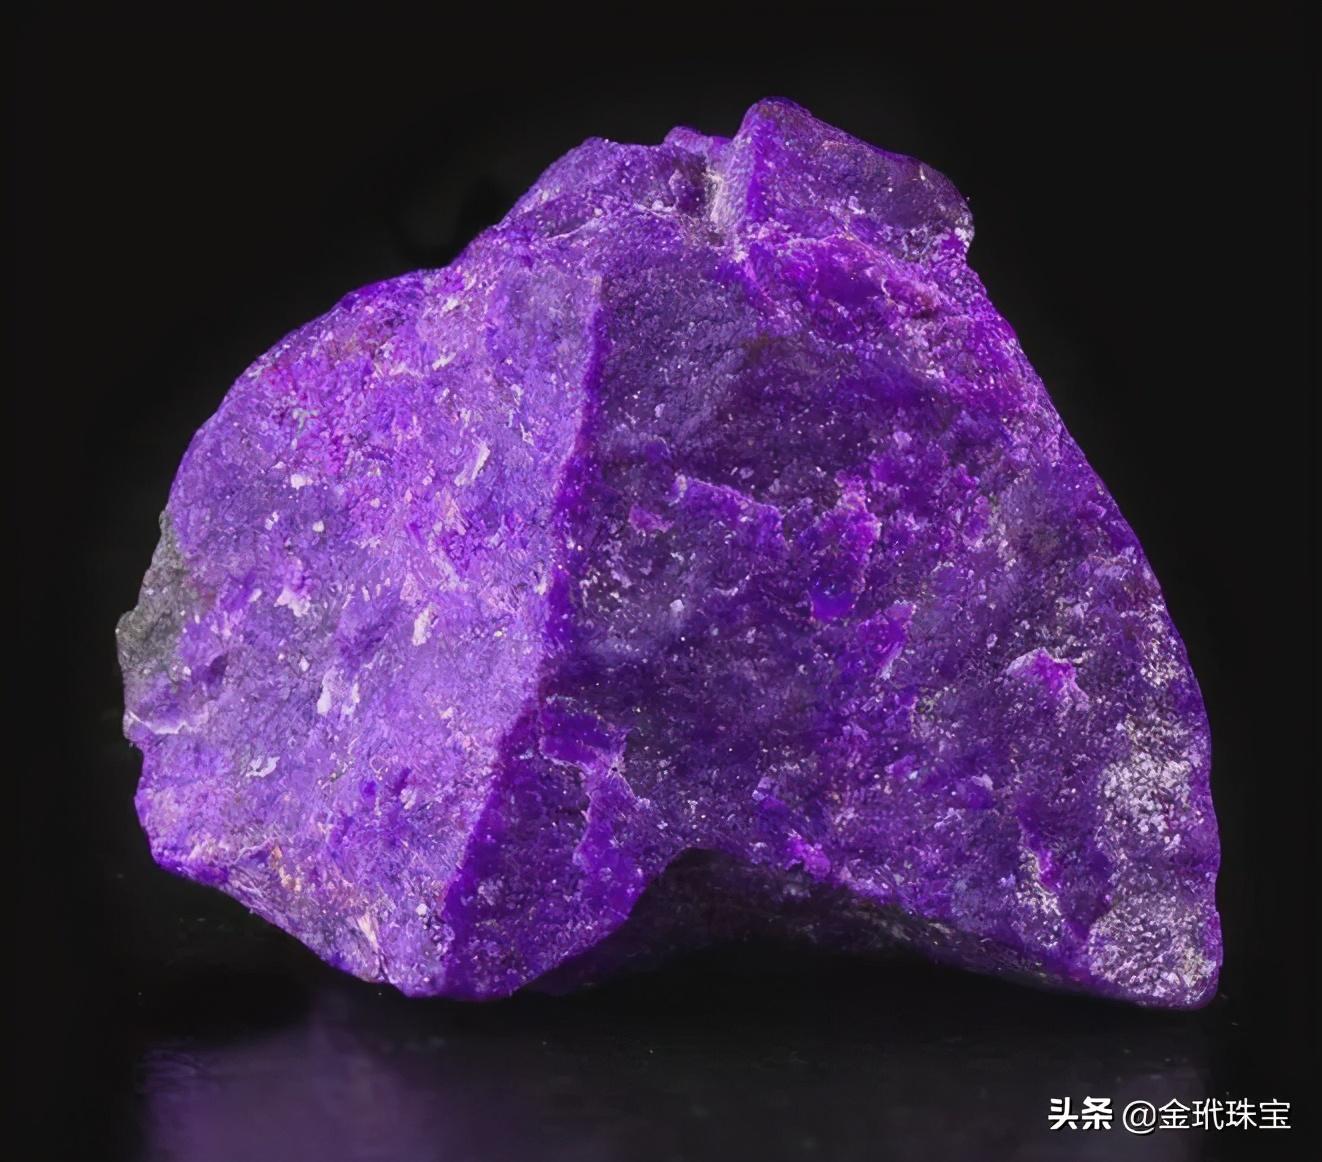 你知道苏纪石吗,这种手镯比翡翠手镯还贵,而且还是南非的国石